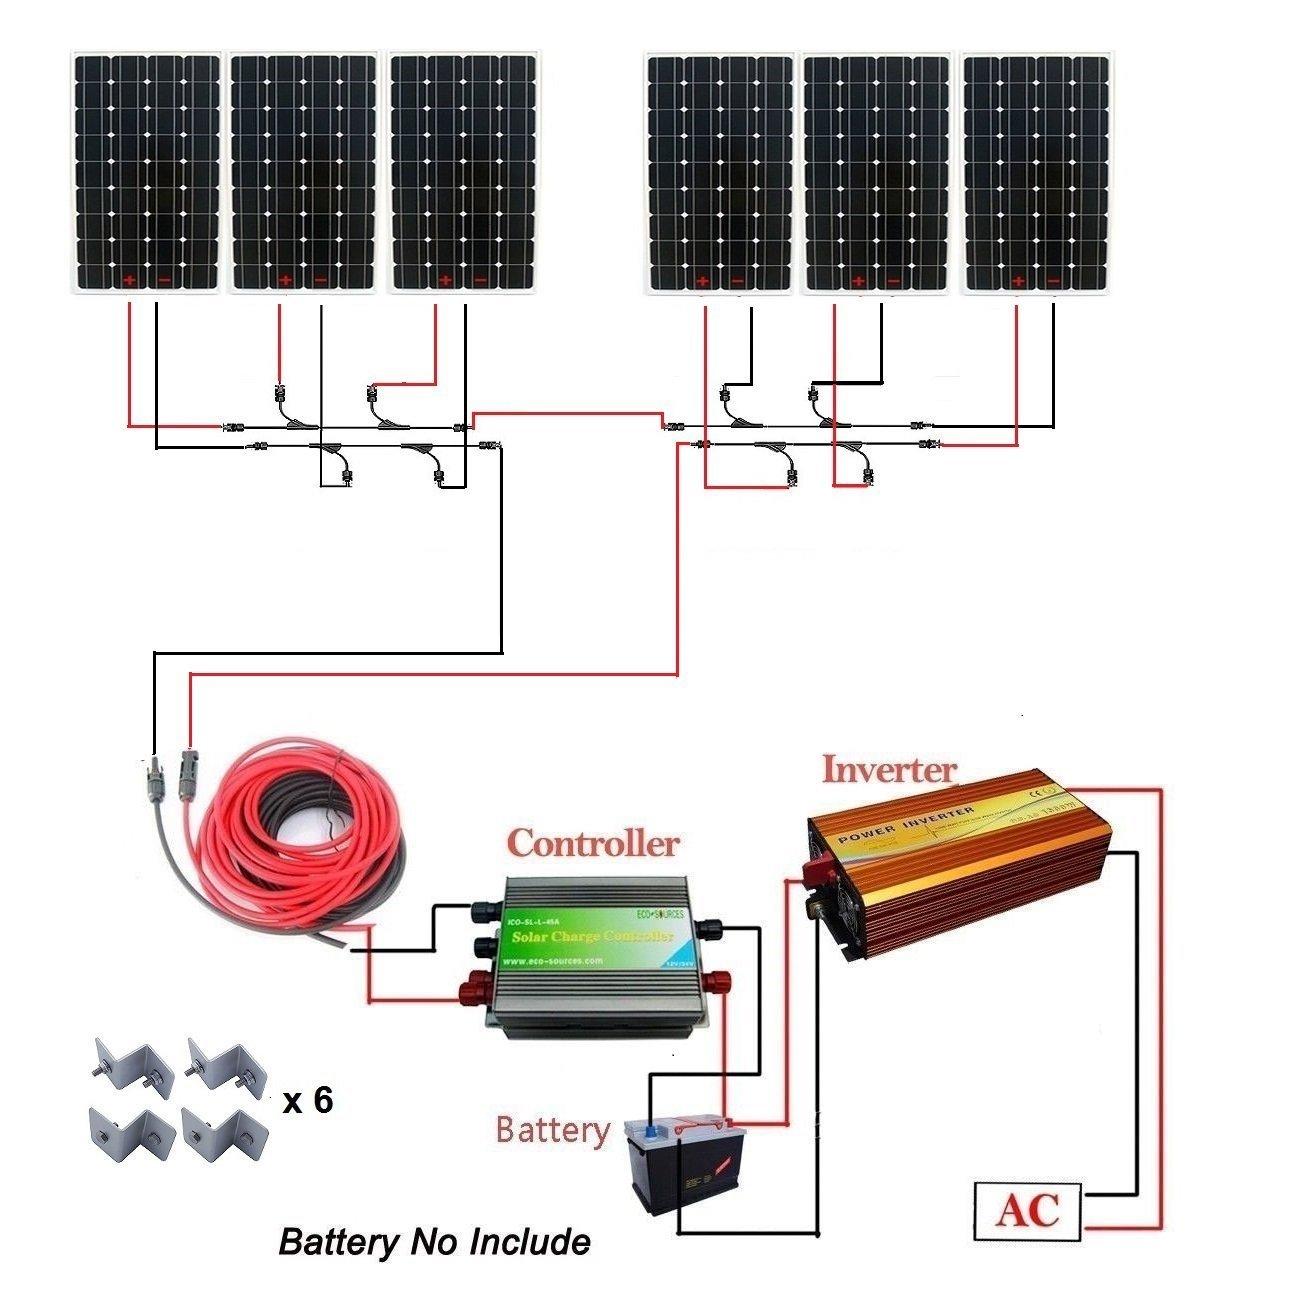 ECO-WORTHY 1000W ソーラーパネル 24V オフグリッドソーラーキット:6個 160W ソーラーパネル+ソーラーチャージコントローラー+1000W 正弦波インバーター+MC4 ソーラケーブル+ソーラーパネルマウント取付金具 B06WRQTCDF